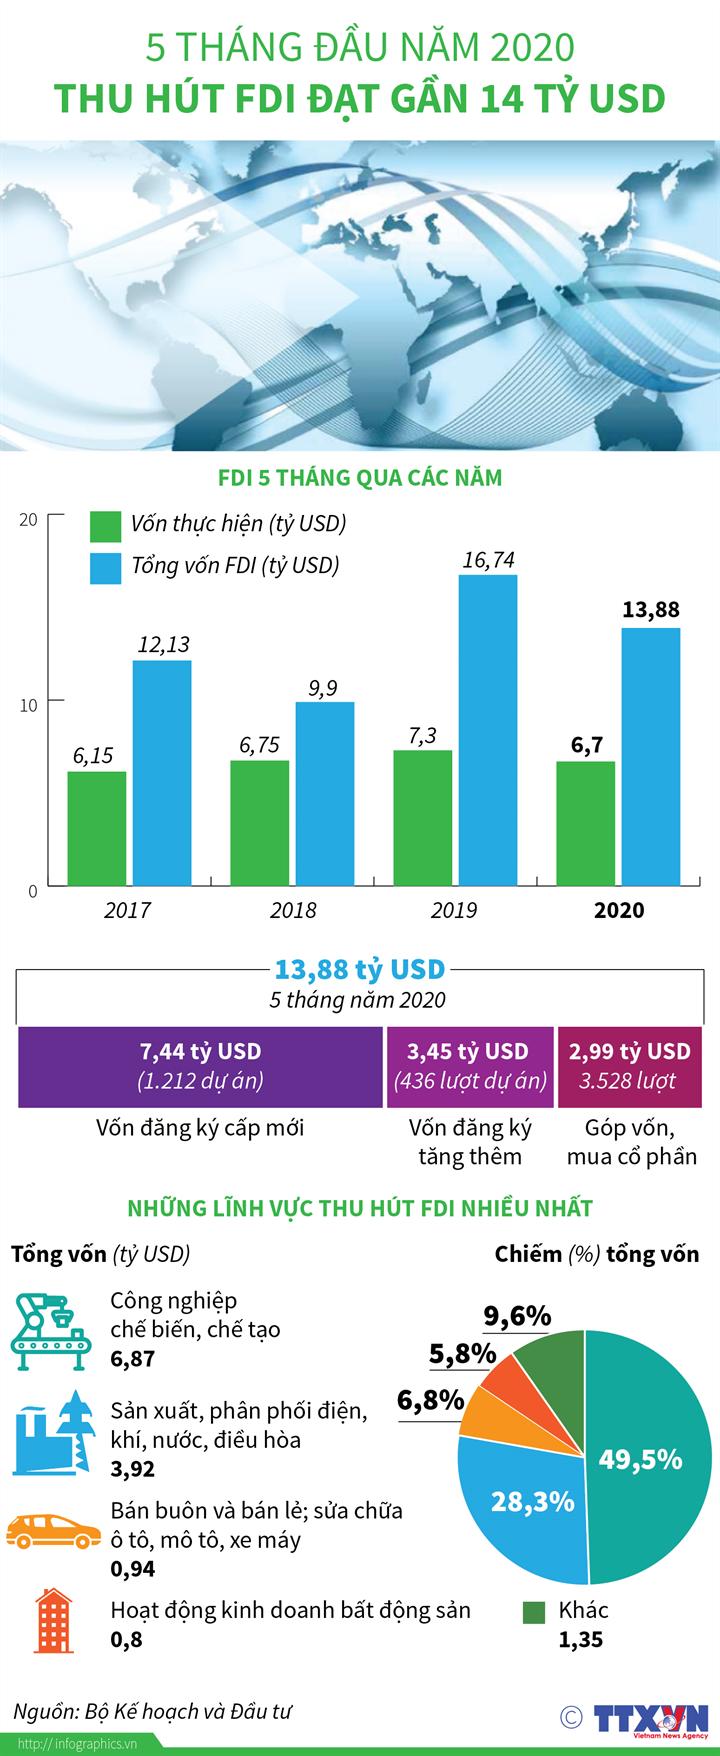 [Infographics] 5 tháng đầu năm 2020, thu hút FDI đạt gần 14 tỷ USD - Ảnh 1